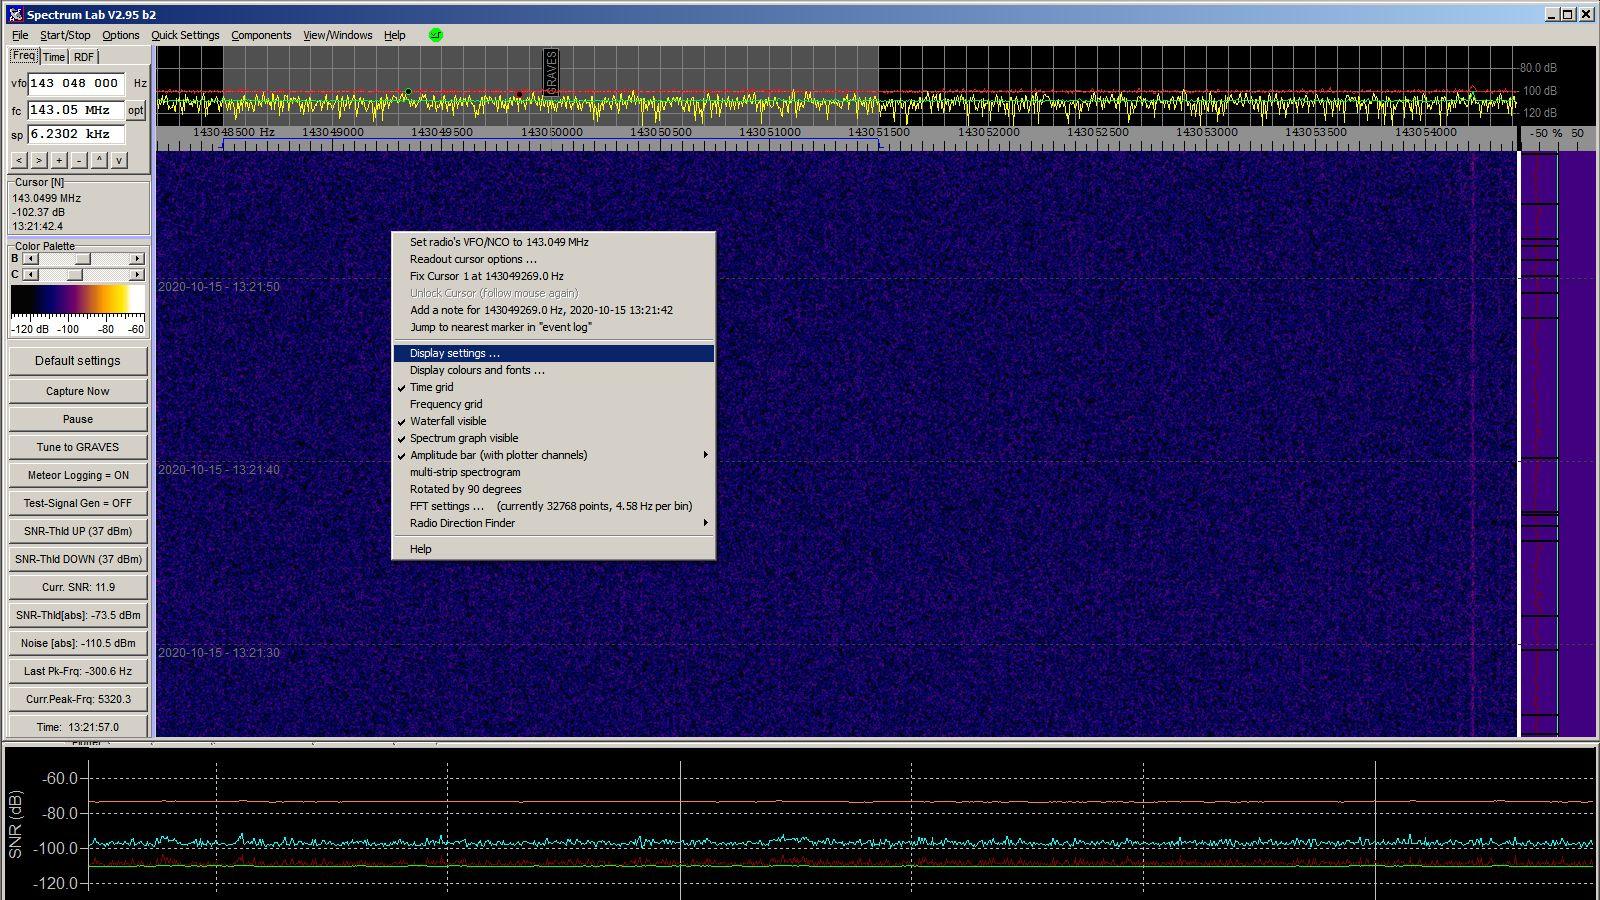 03 - display settings.jpg